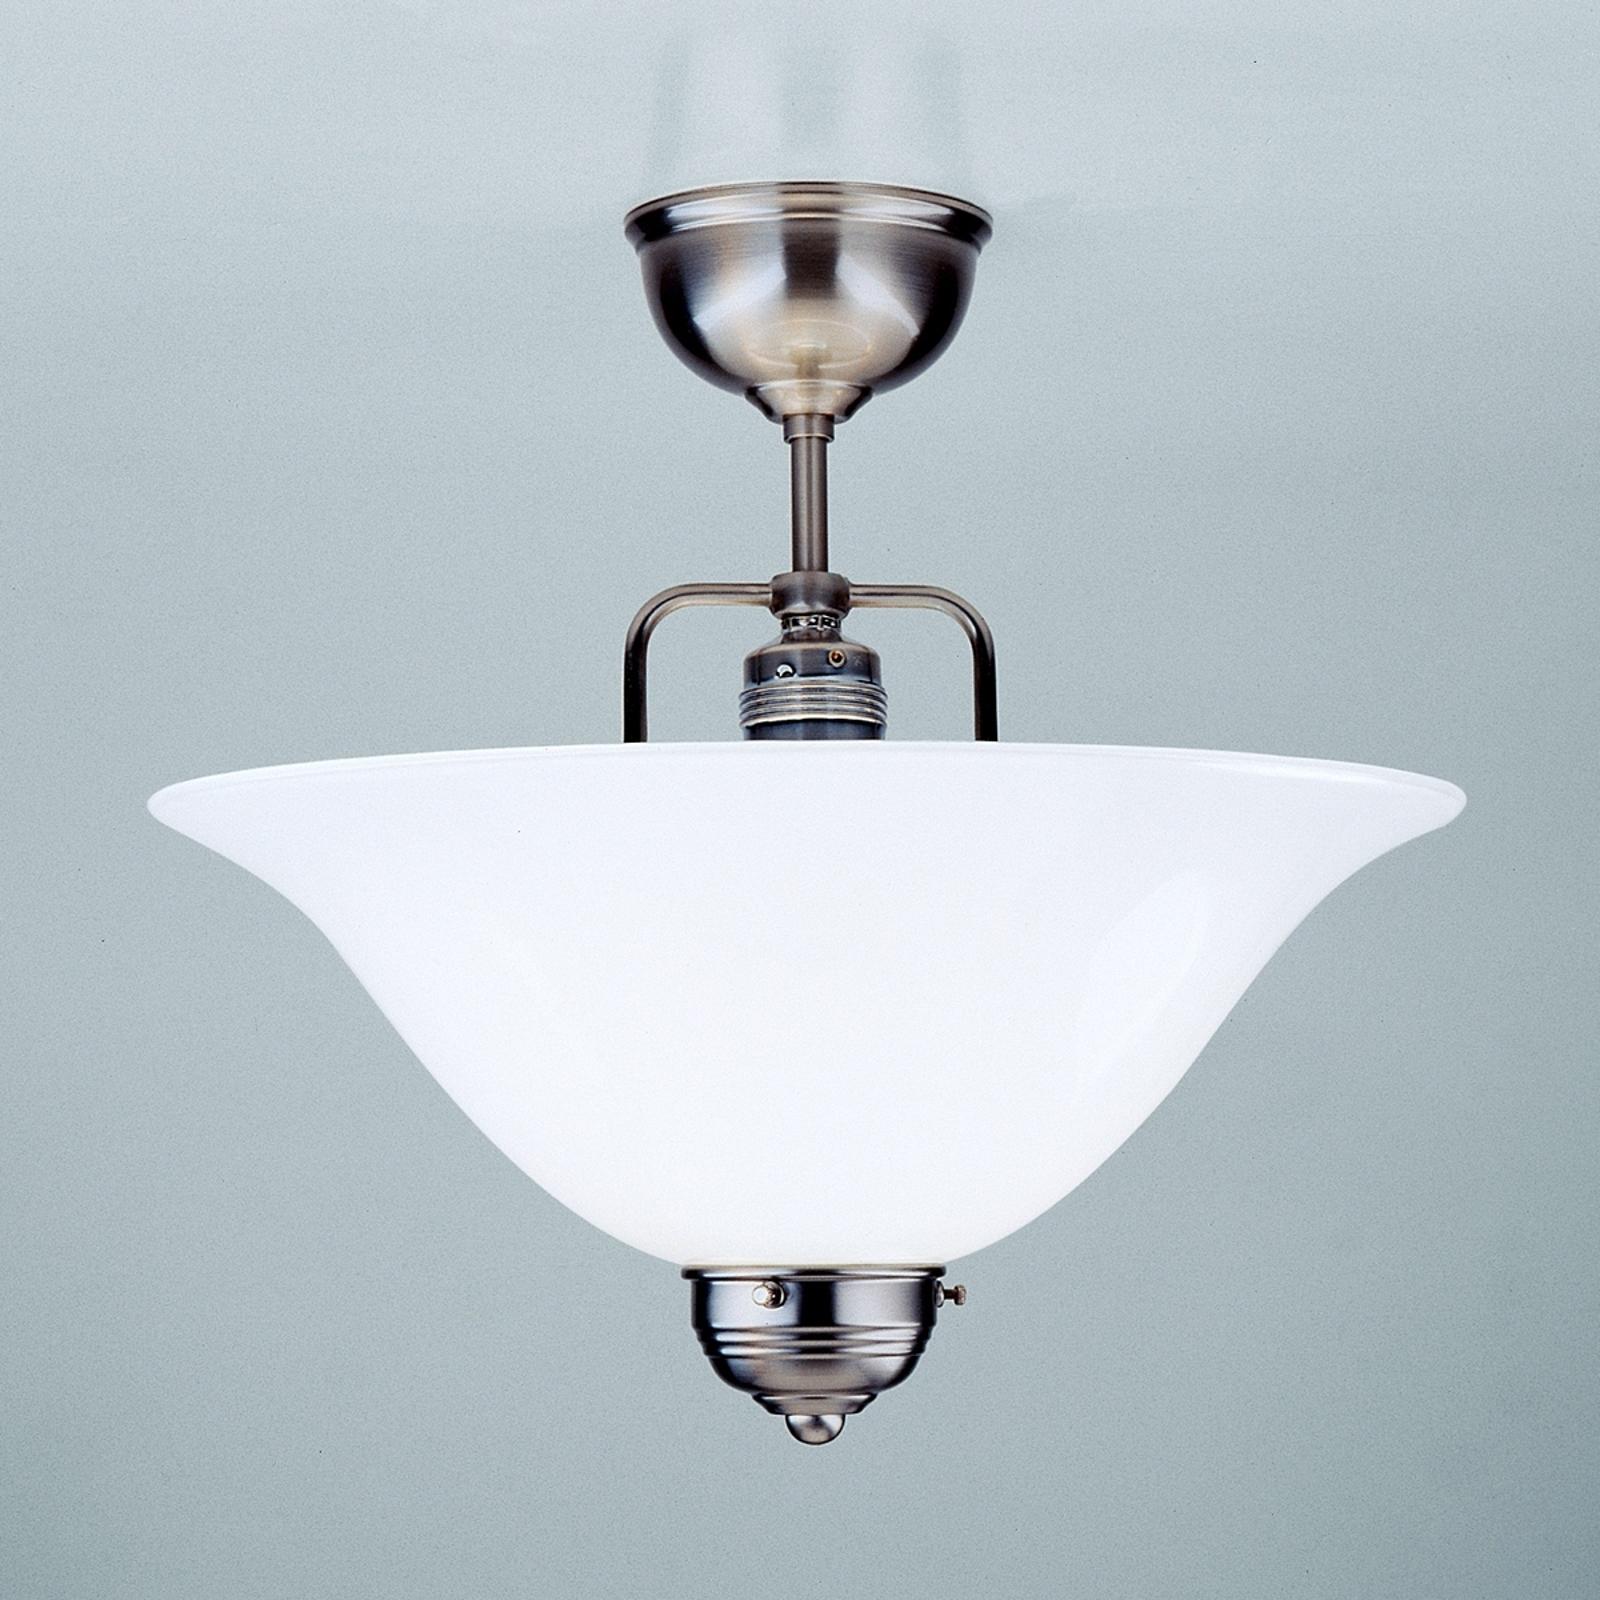 Niklové stropné svietidlo ROSA, ručne vyrábané_1542024_1